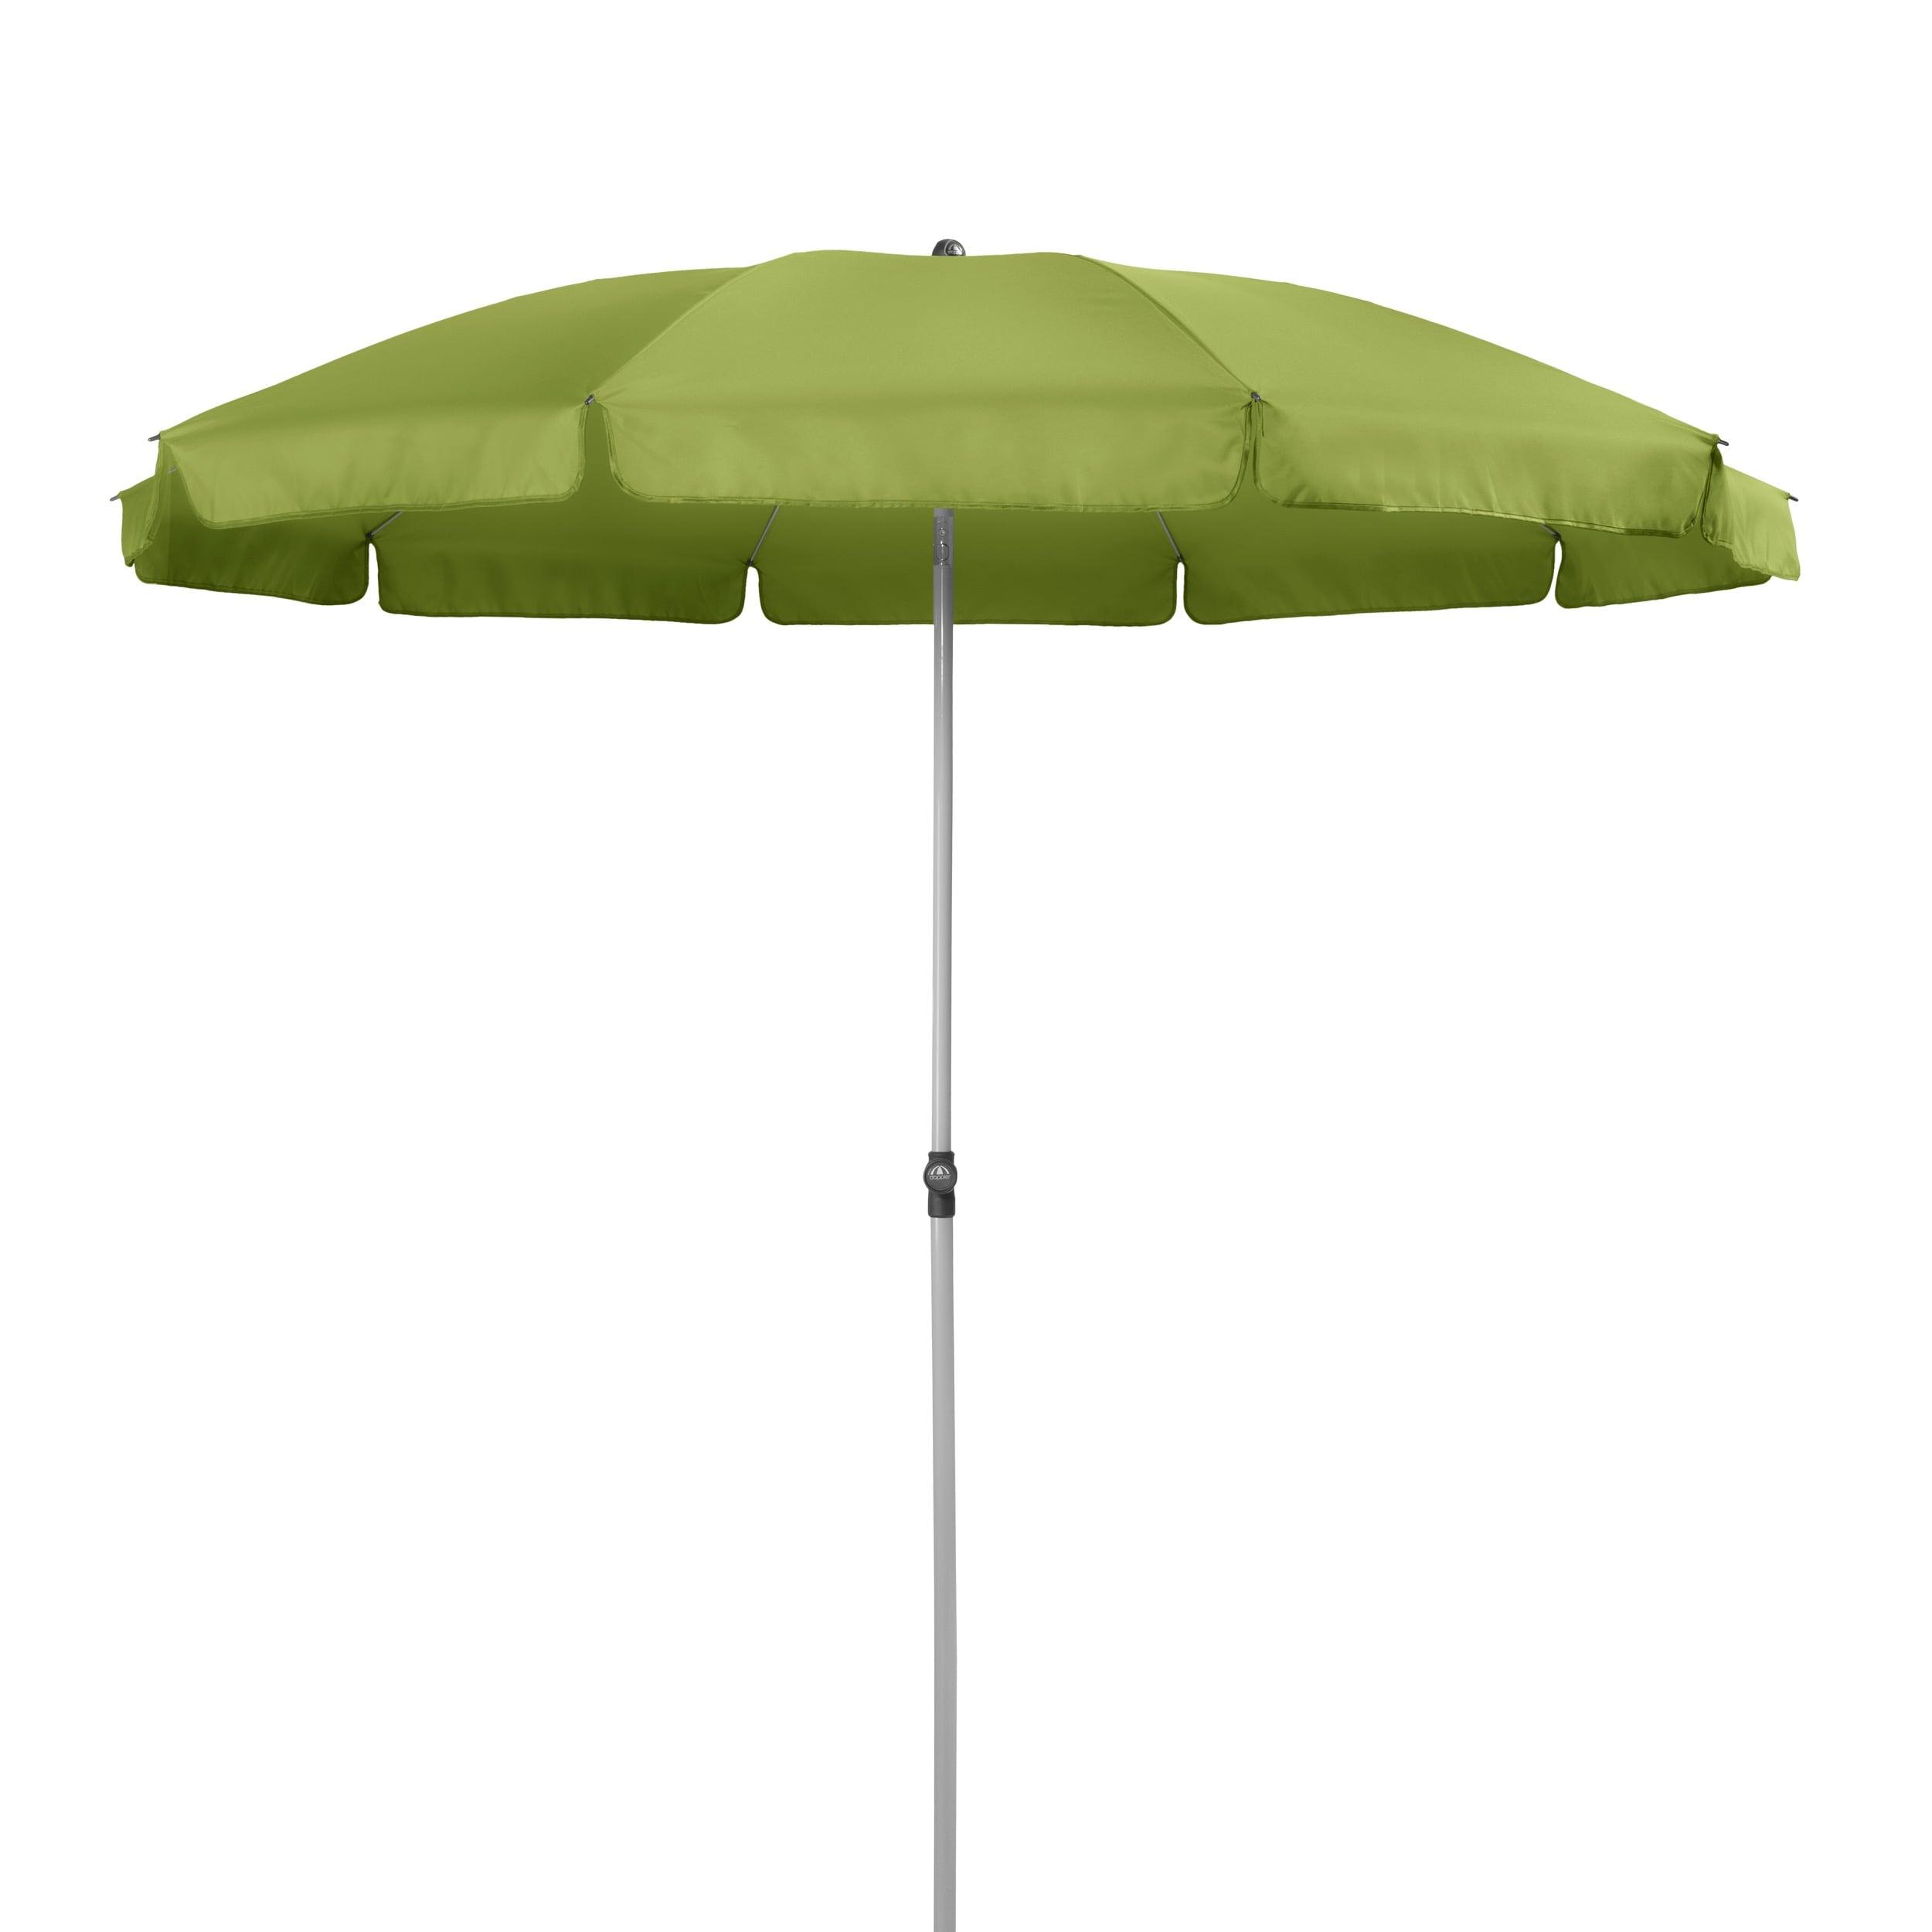 ACTIVE 240 cm – naklápěcí slunečník